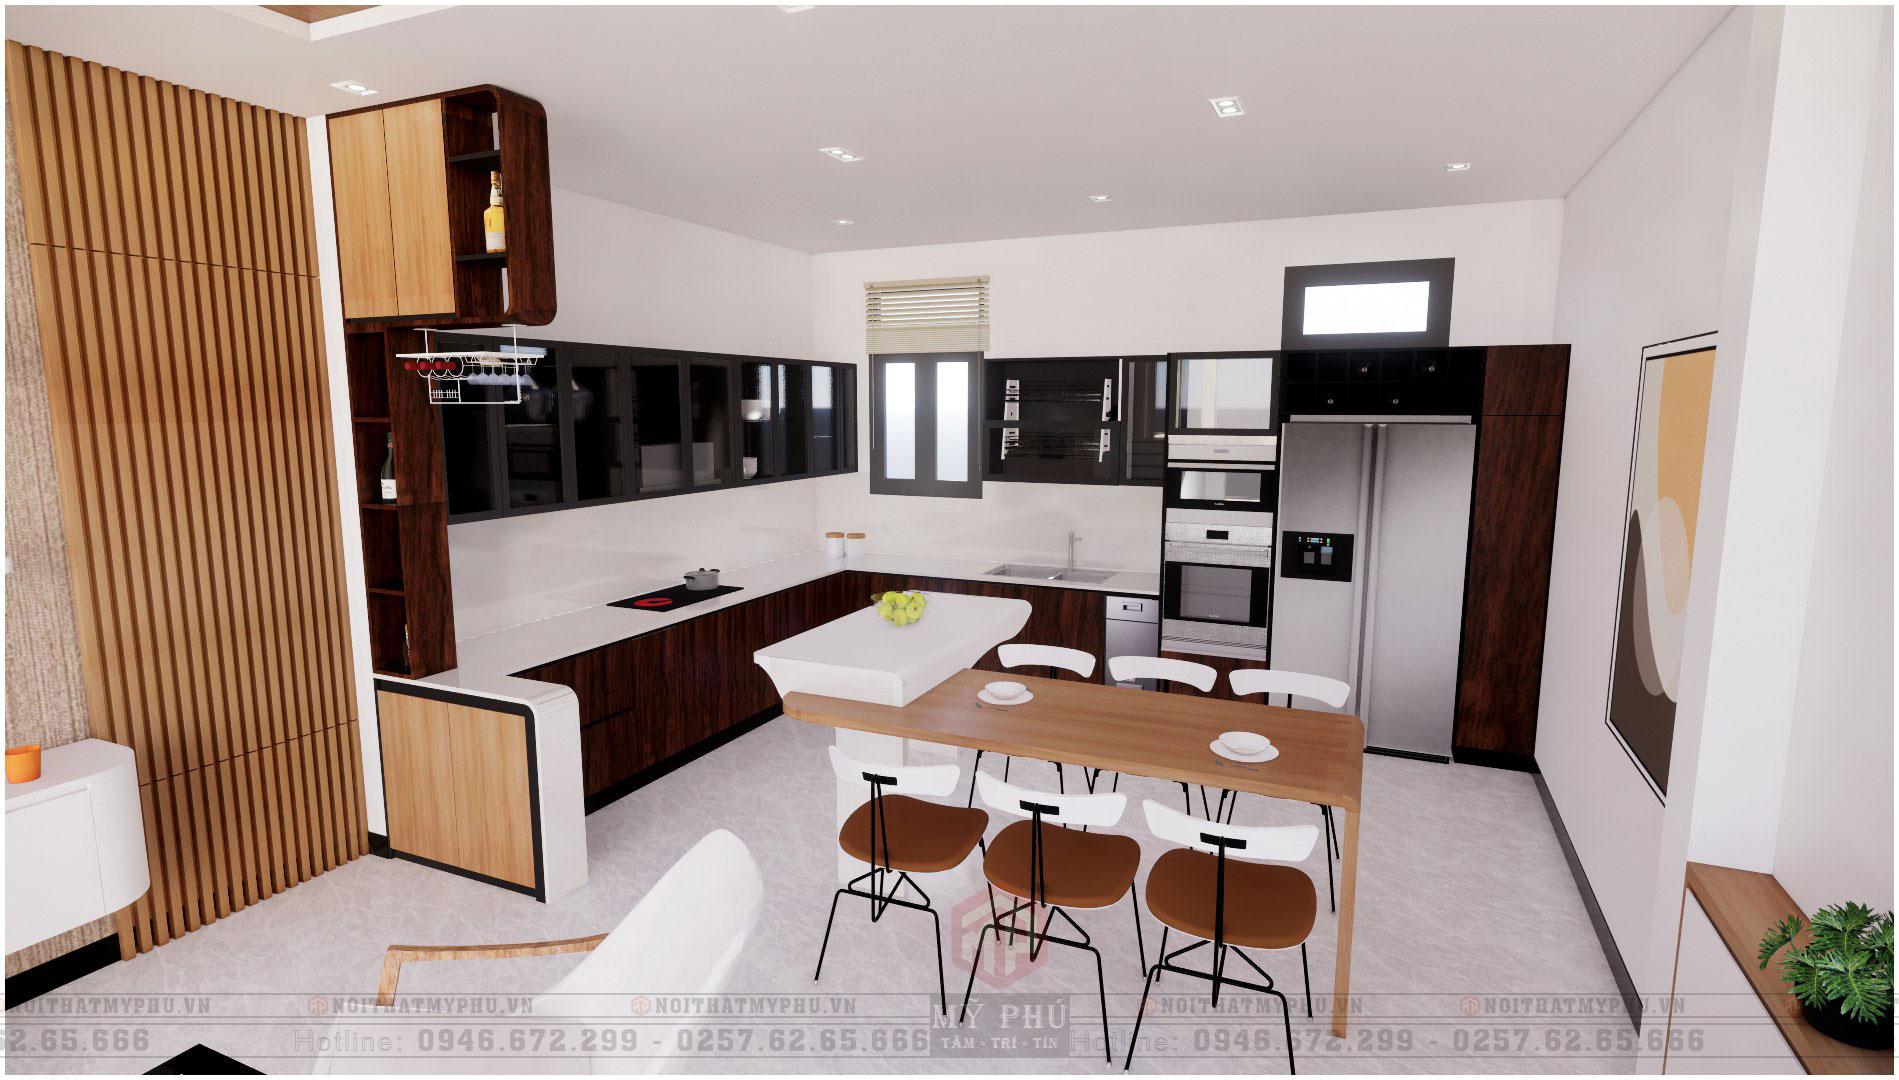 Khu vực bếp nhà phố 5x20m